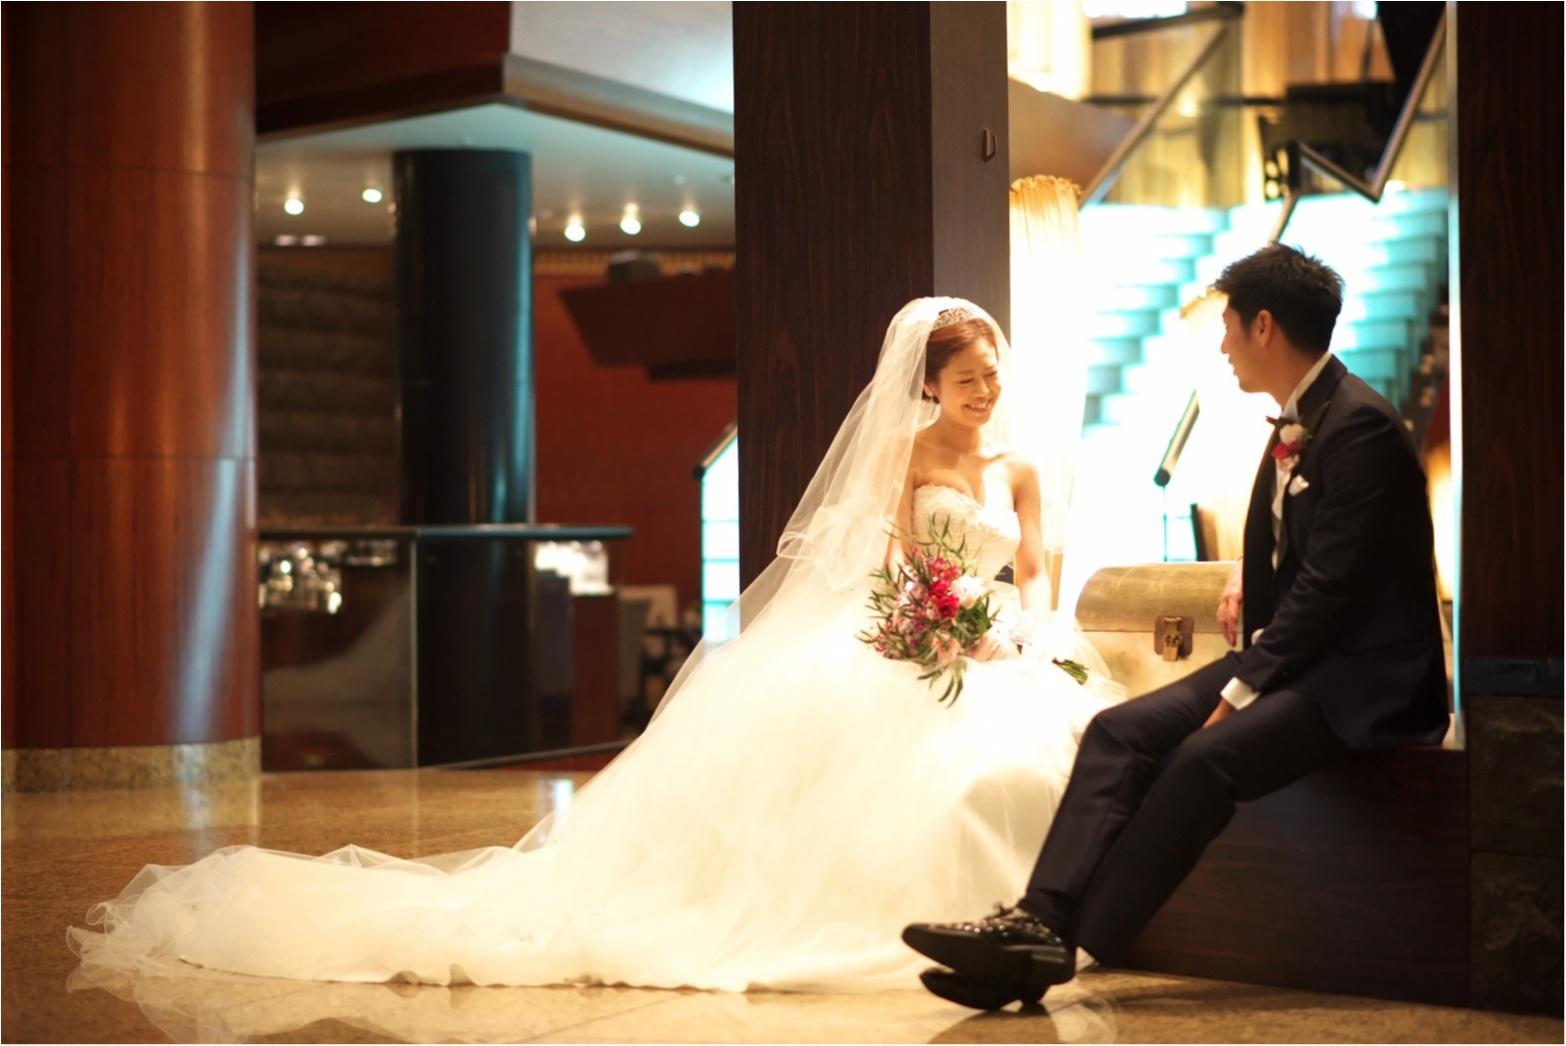 【結婚式のカメラ事情】外注カメラ!東京ウェディングスタイルさんにお願いしました!_5